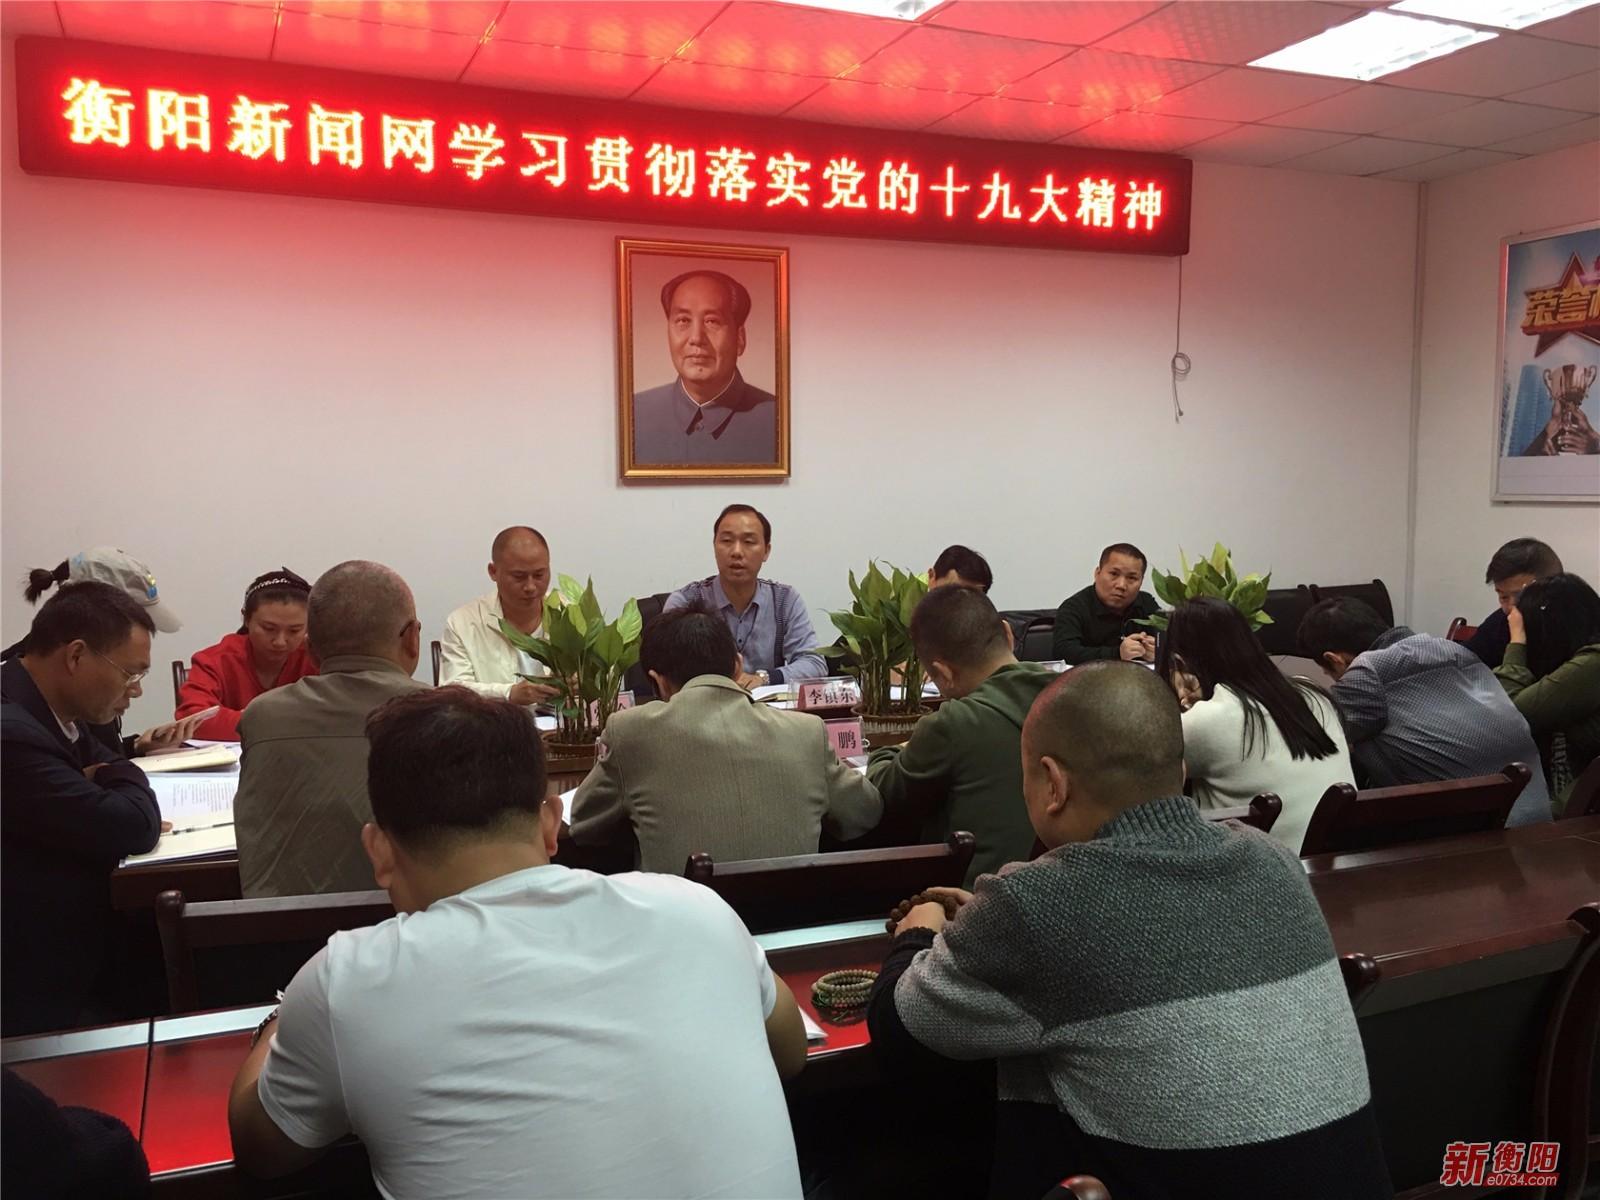 中国衡阳新闻网站传达学习贯彻党的十九大精神